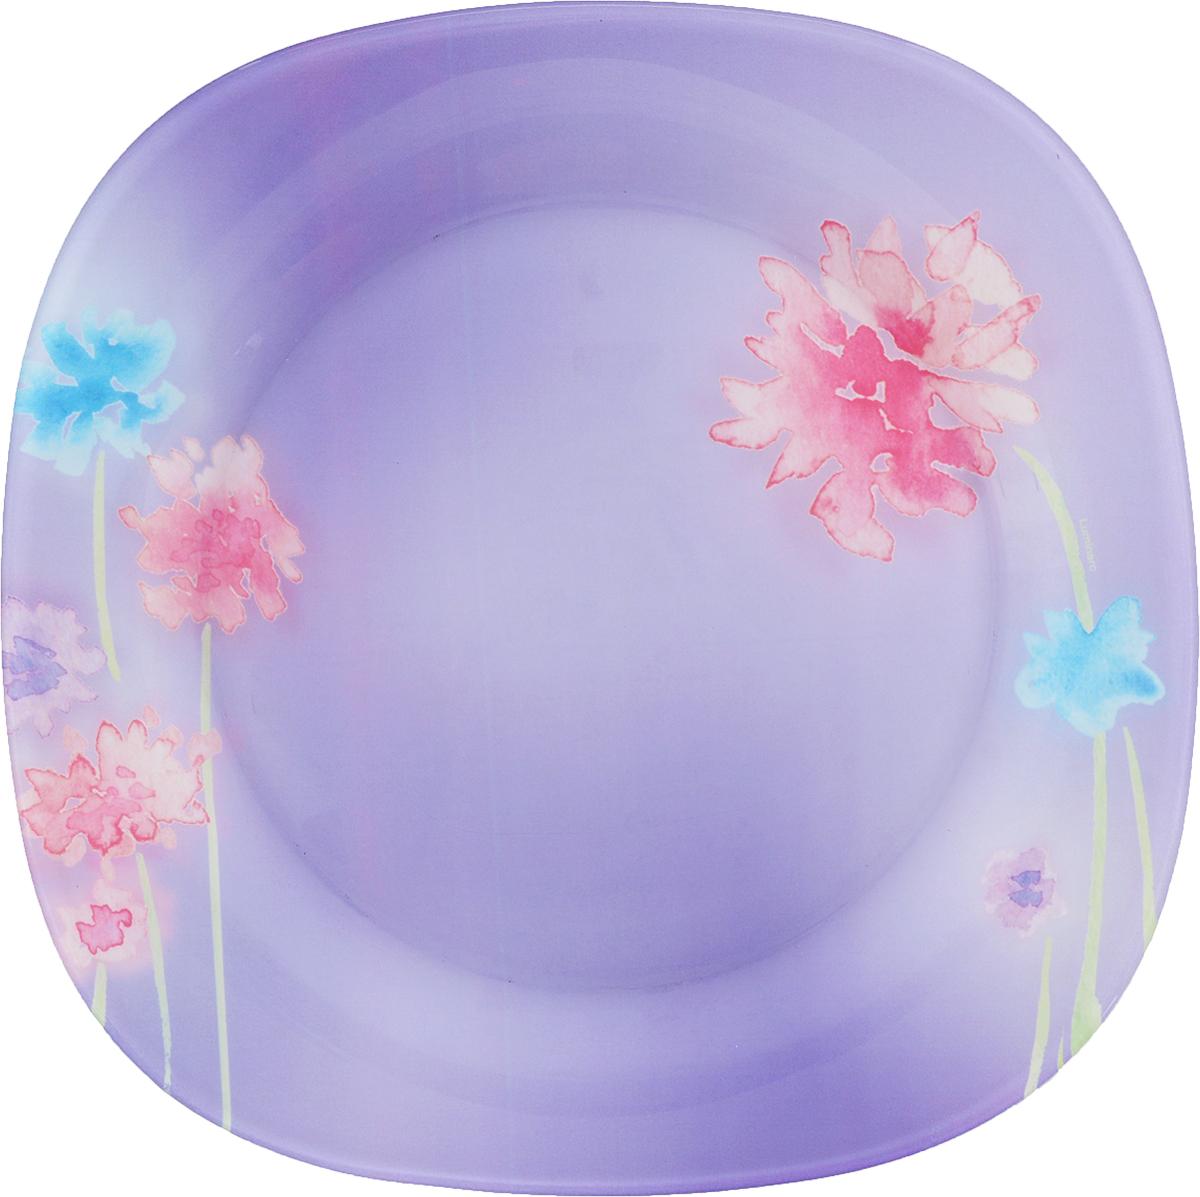 Тарелка обеденная Luminarc Angel Purple, 25 х 25 смJ1753Обеденная тарелка Luminarc Angel Purple изготовлена из высококачественного стекла. Изделие сочетает в себе изысканный дизайн с максимальной функциональностью. Тарелка прекрасно впишется в интерьер вашей кухни и станет достойным дополнением к кухонному инвентарю. Такое изделие не только украсит ваш кухонный стол и подчеркнет прекрасный вкус хозяйки, но и станет отличным подарком. Размер тарелки: 25 х 25 см. Высота тарелки: 1,5 см.